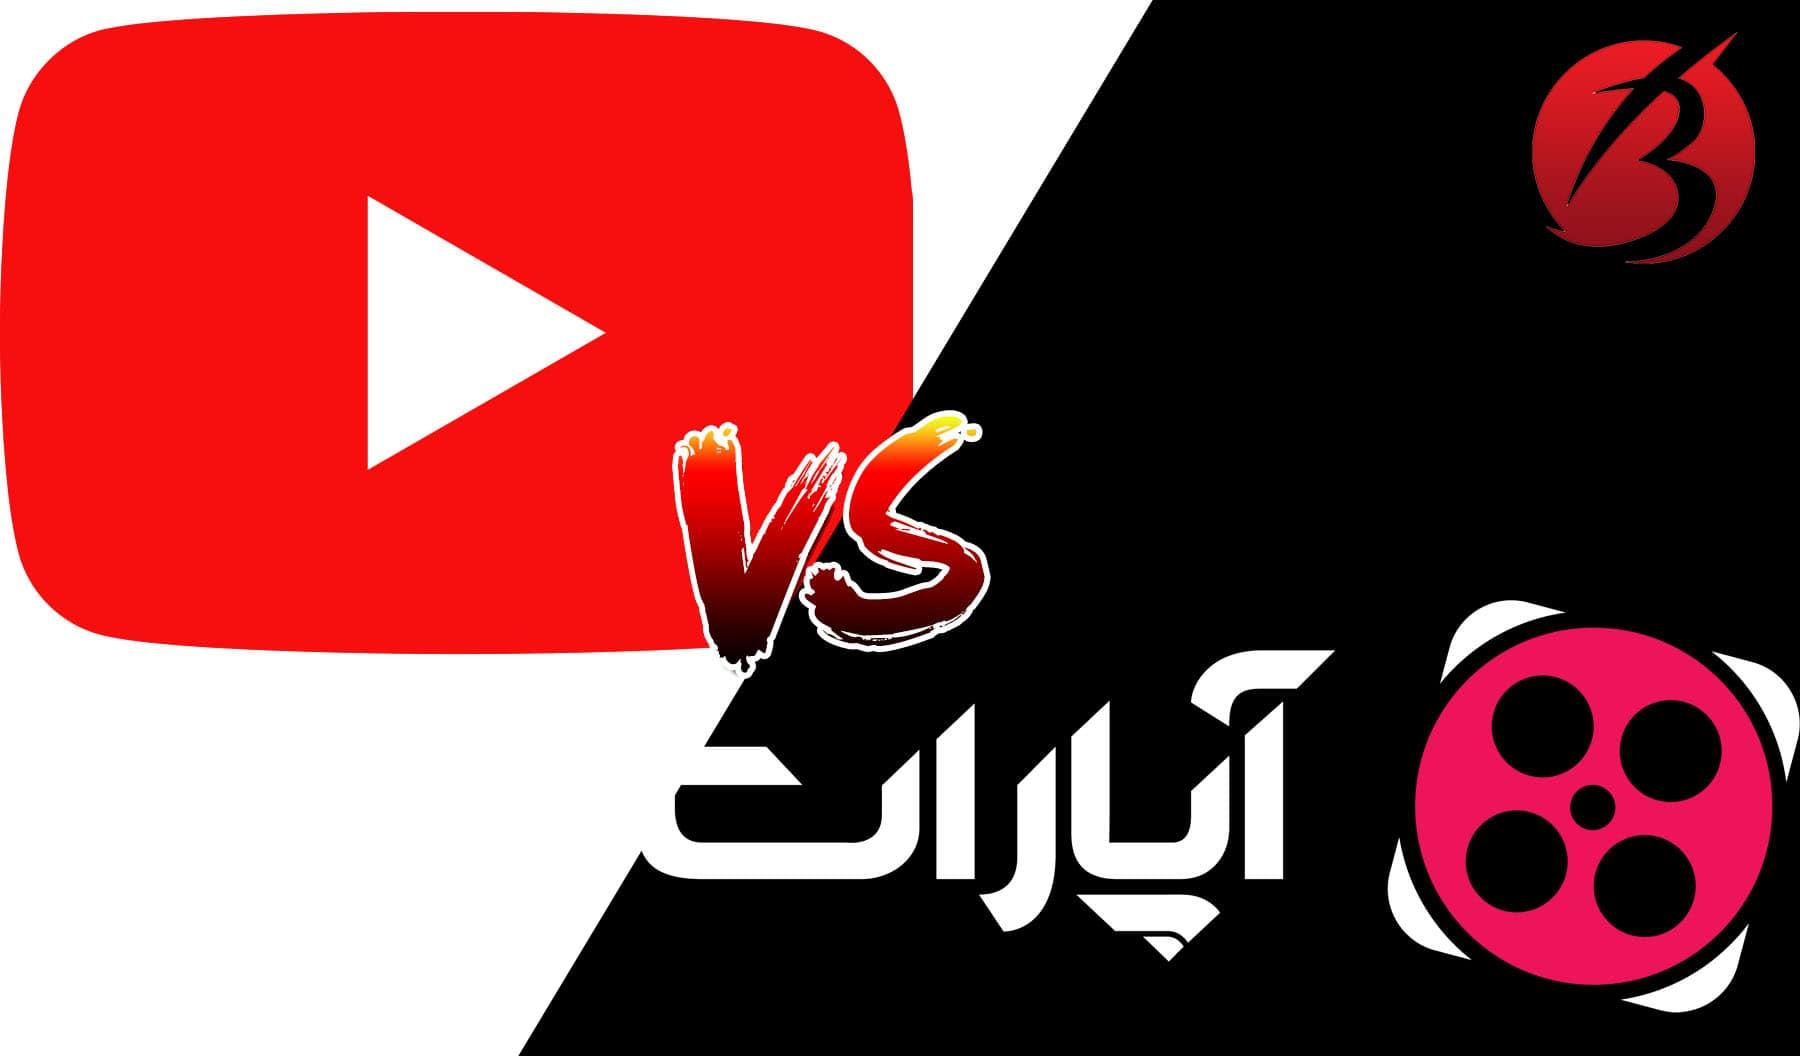 کسب درآمد از آپارات یا یوتیوب؟